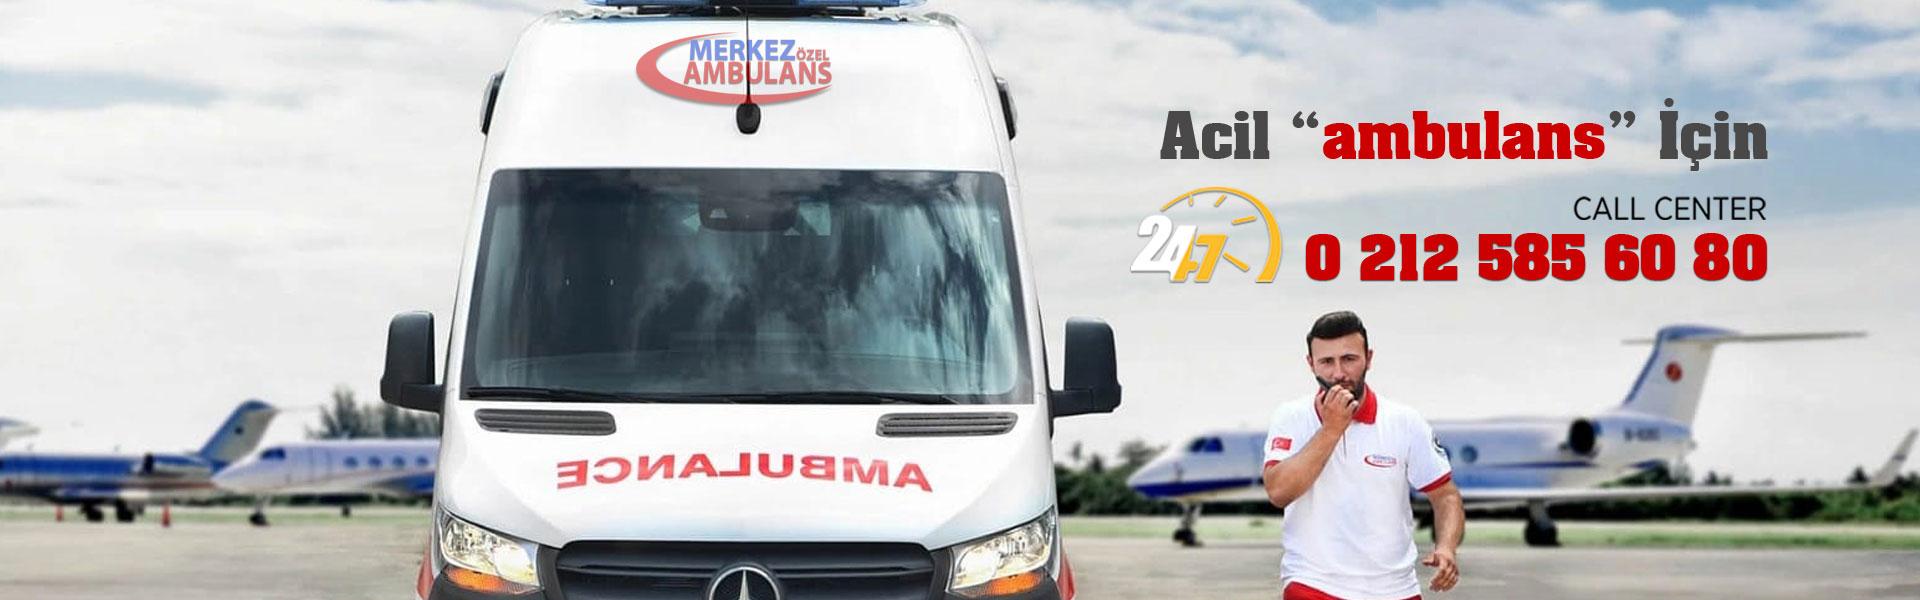 acil-ambulans-uluslararasi-sehirler-arasi-ve-sehir-ici-ambulans-hizmeti-7gun-24saat-hizmetinizde